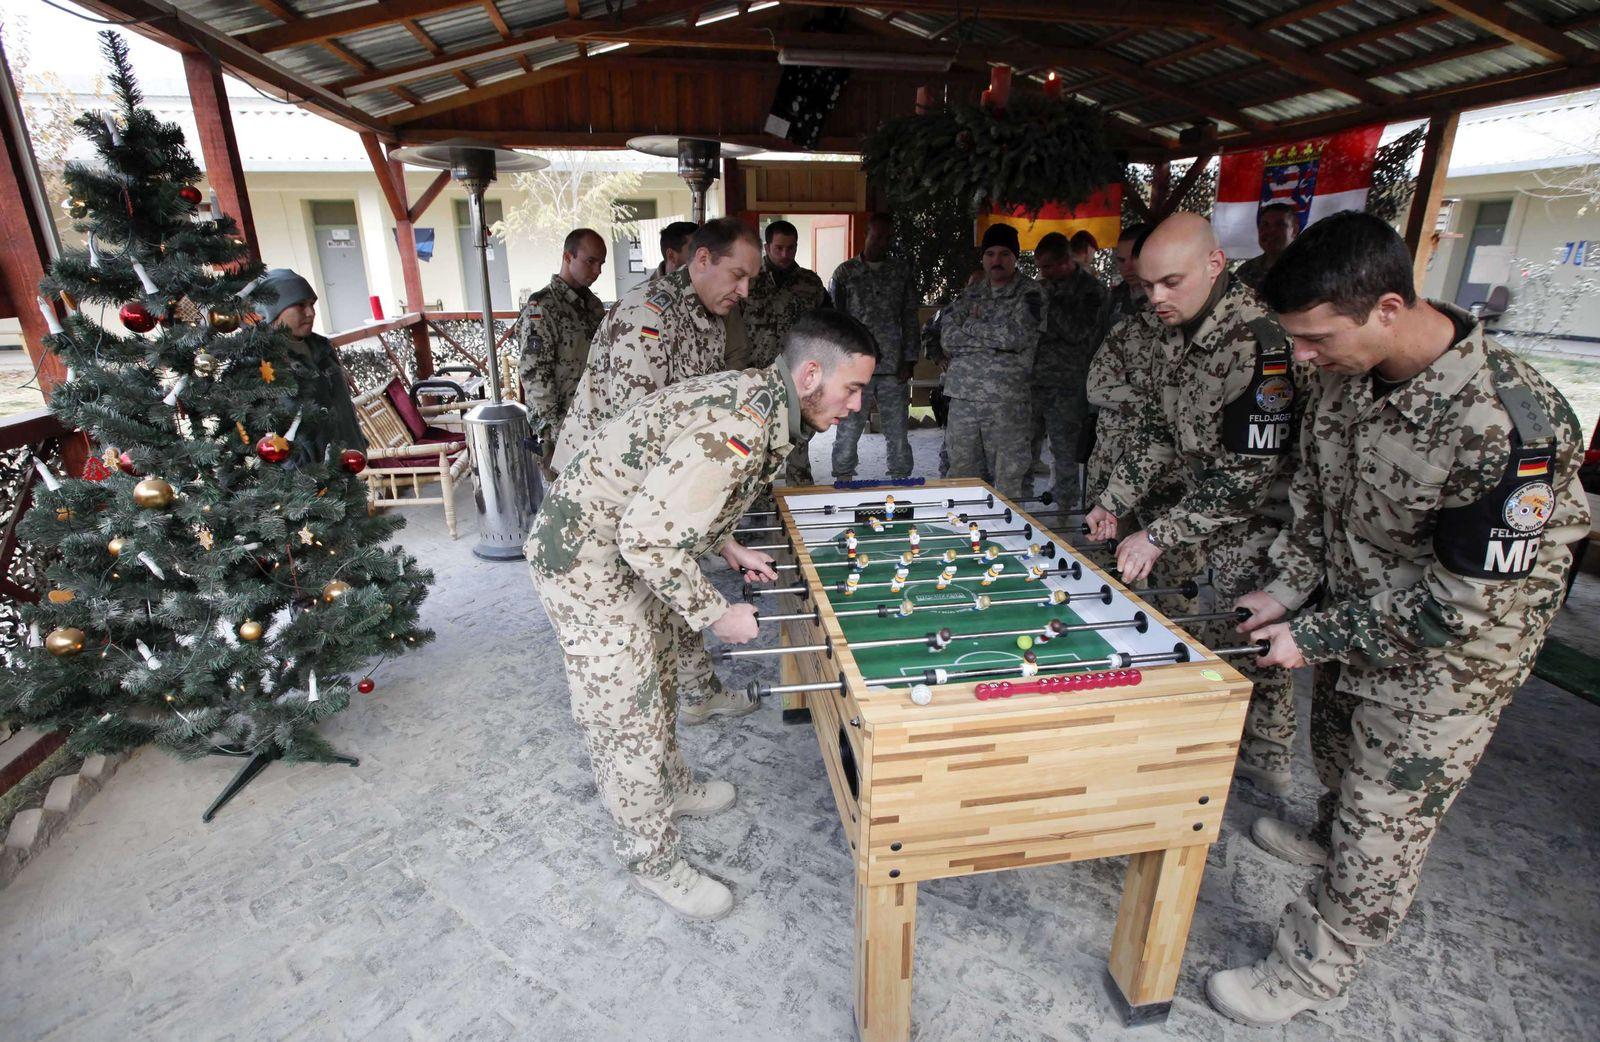 soldaten am kicker in afghanistan